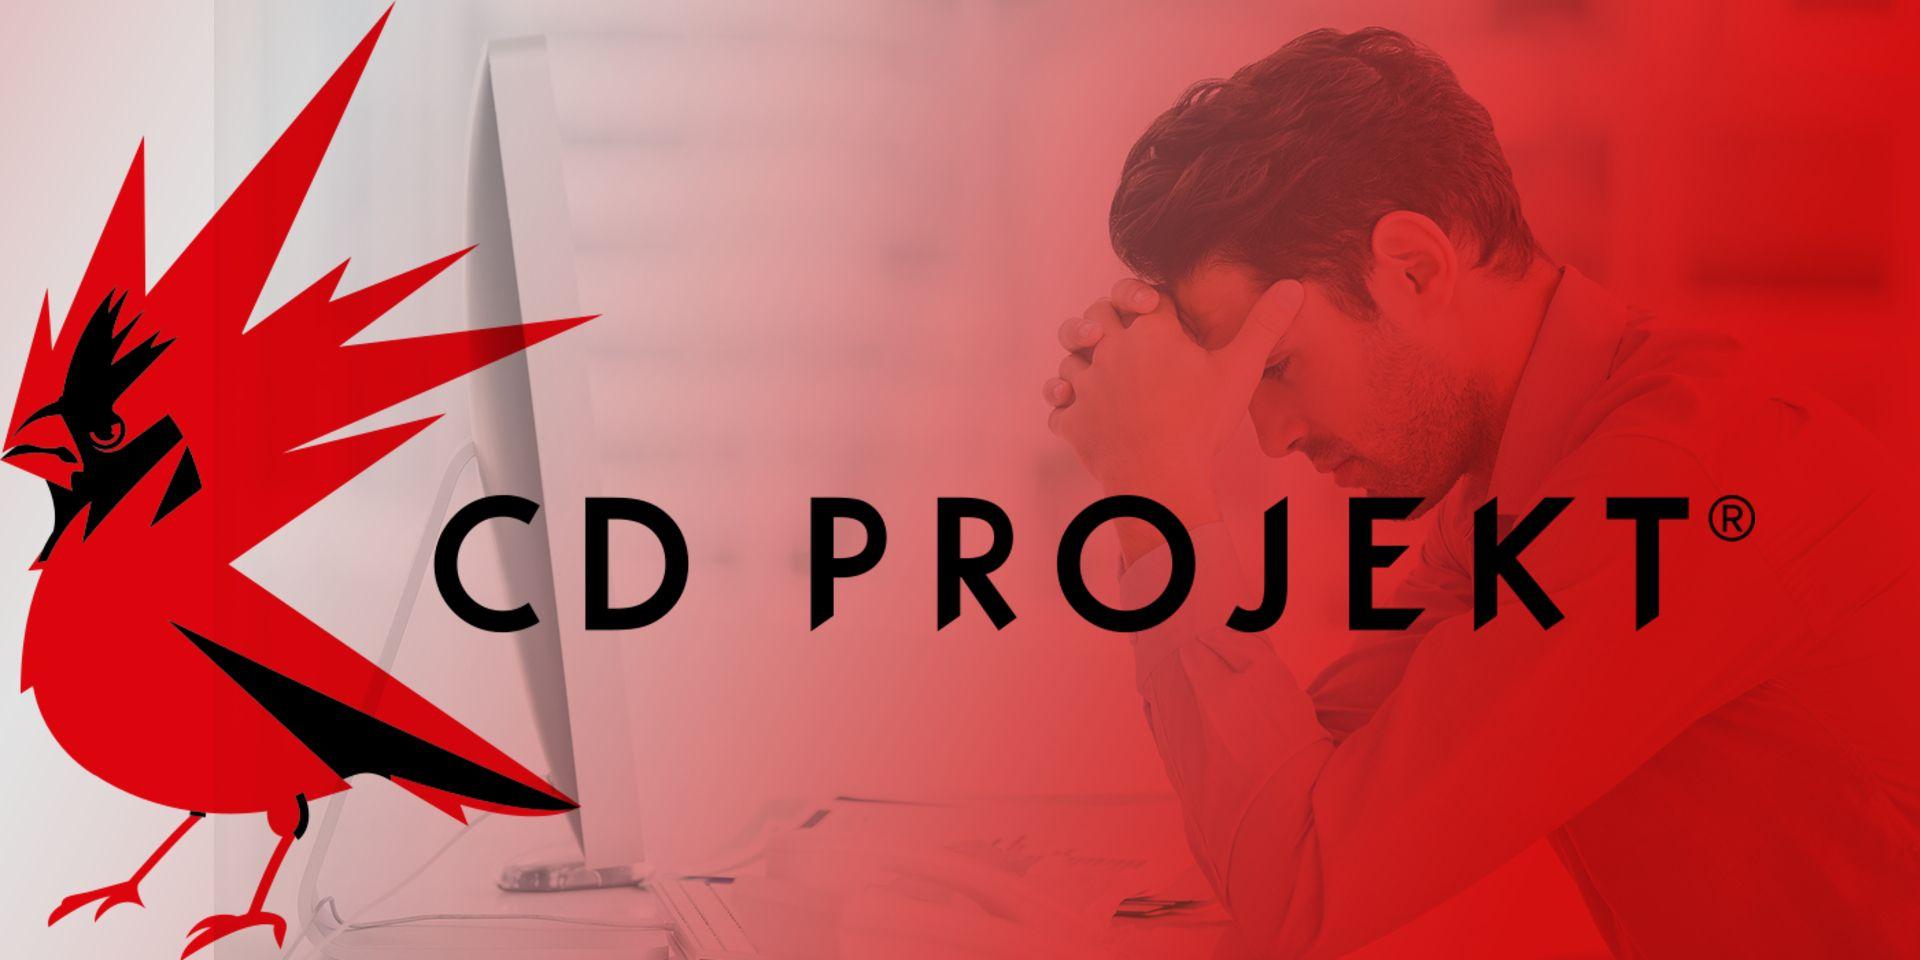 Хакеры выставили на аукцион исходные коды игр CD Projekt